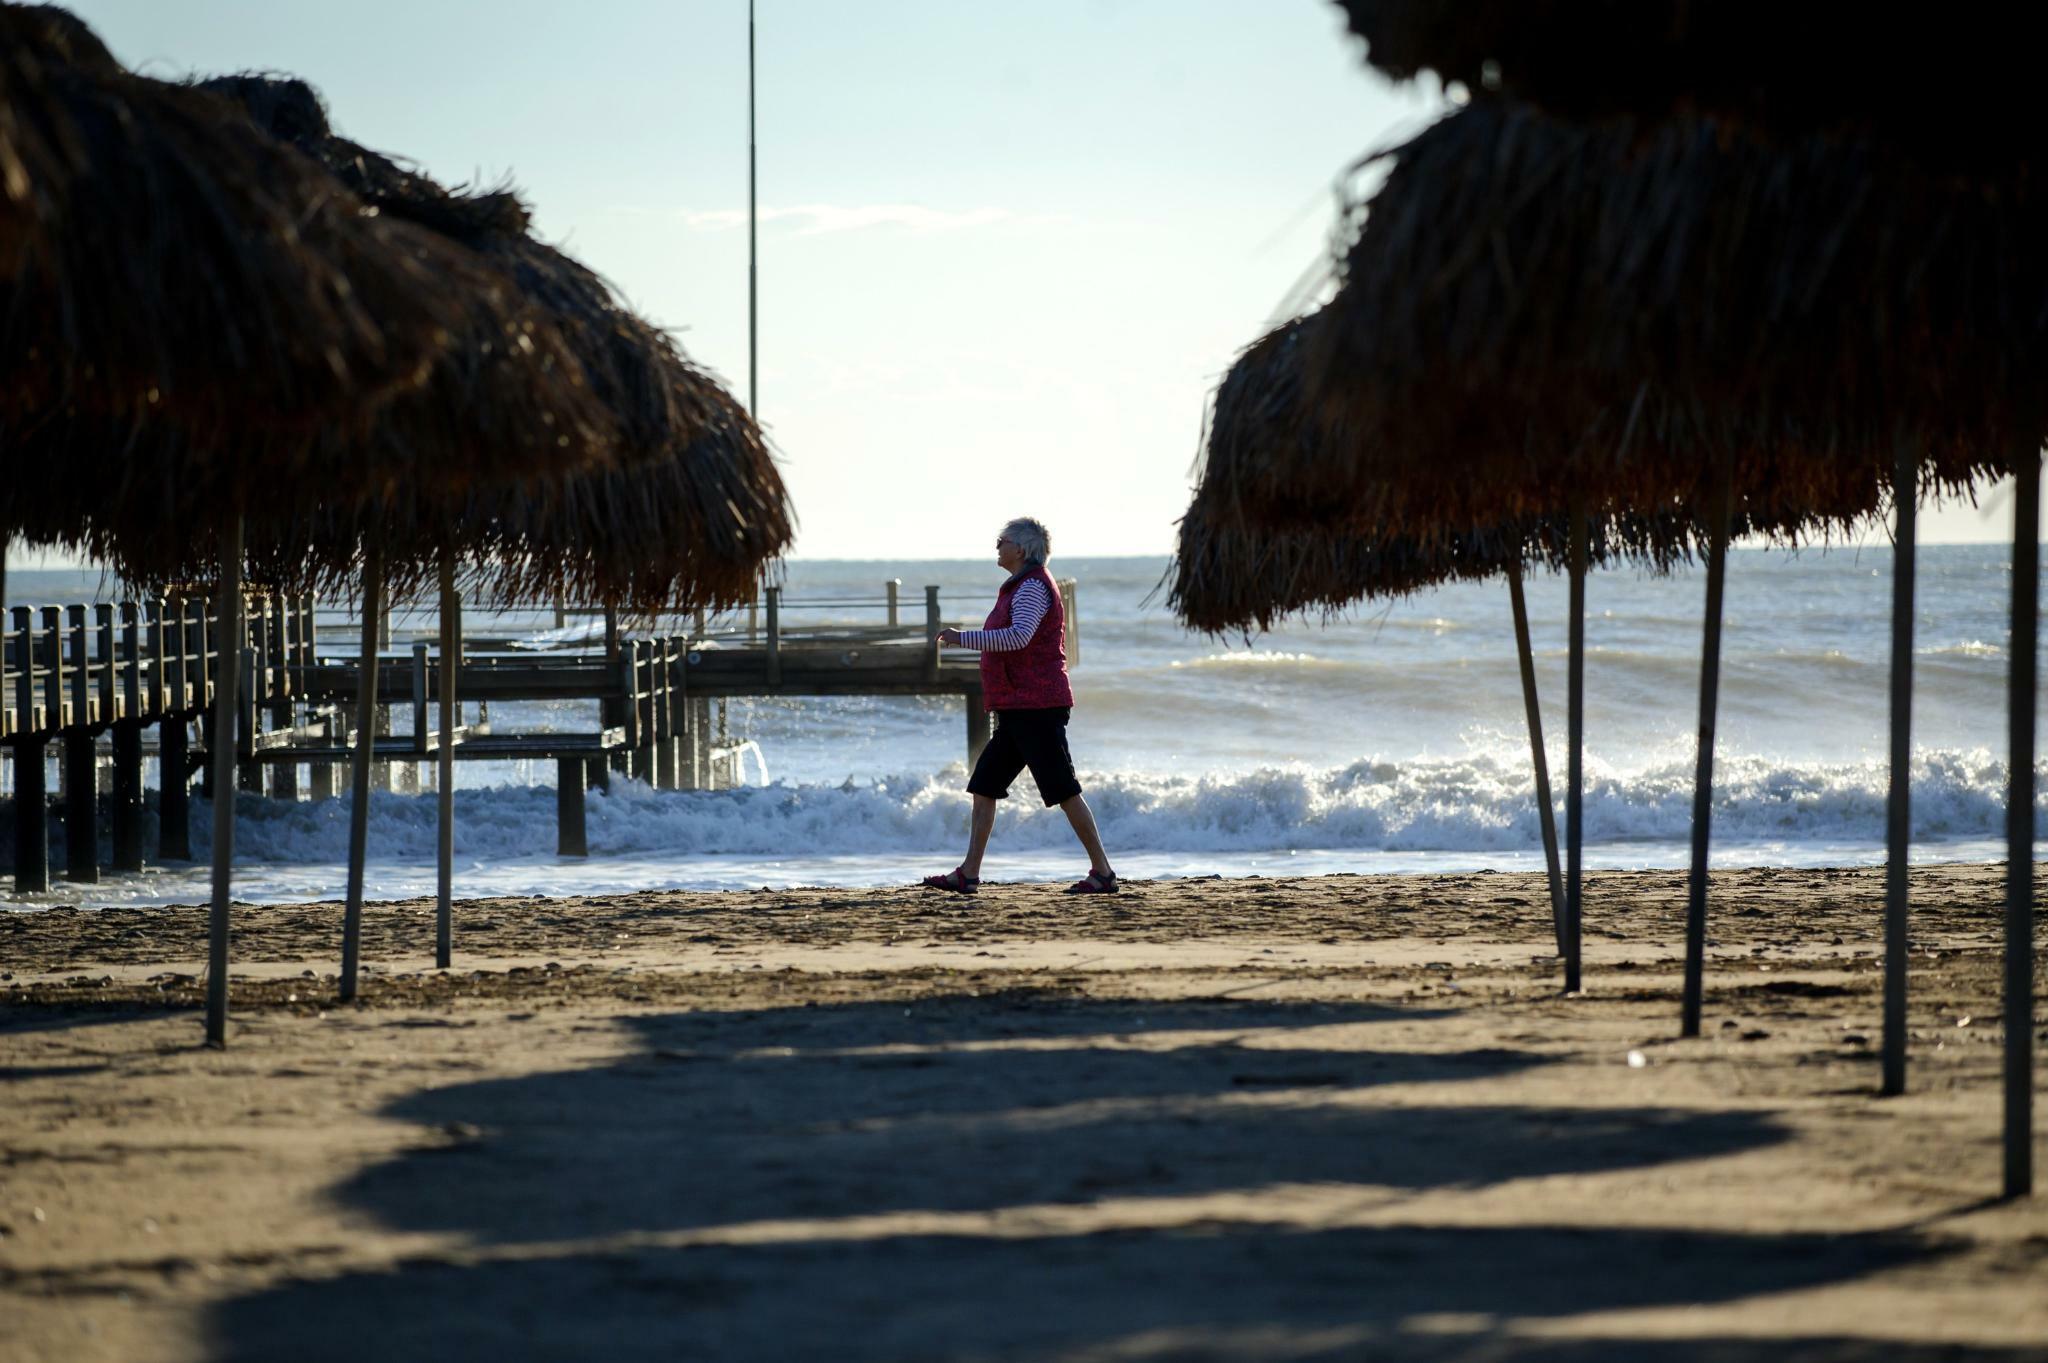 Türkischer Tourismusverband fürchtet bis zu 700.000 Urlauber weniger